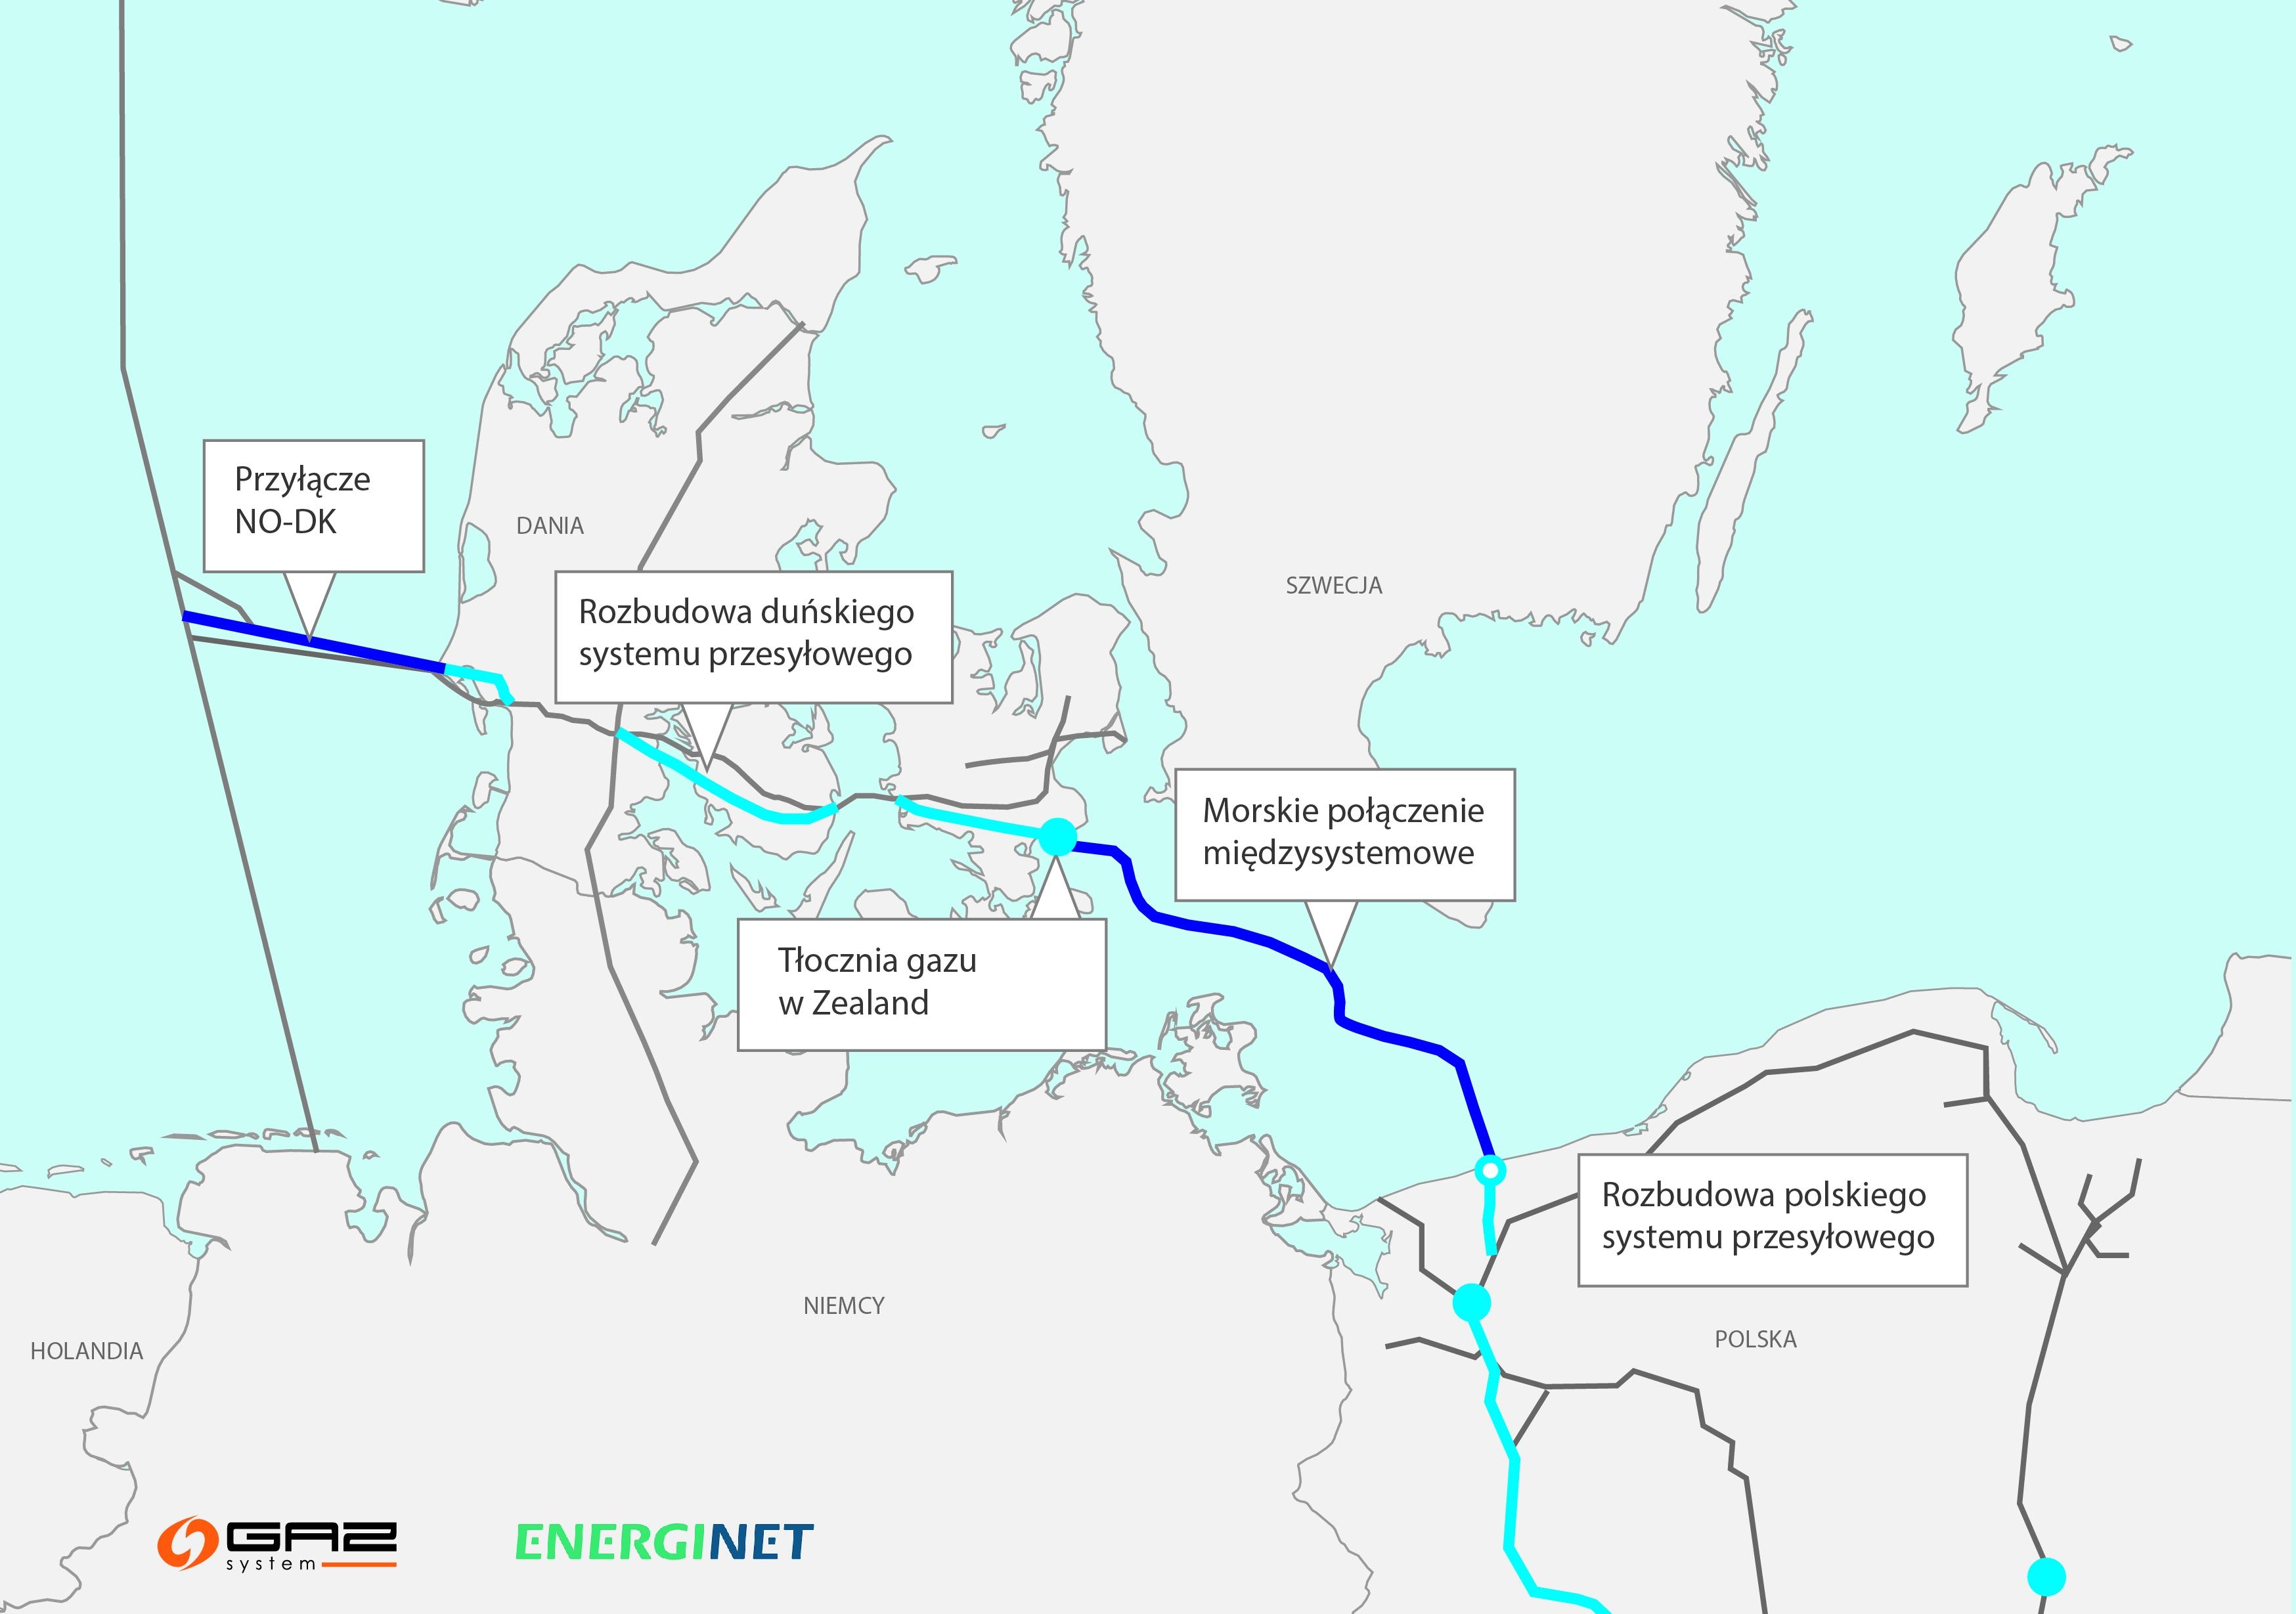 Балтик пайп свързва Полша с датския и норвежки газ